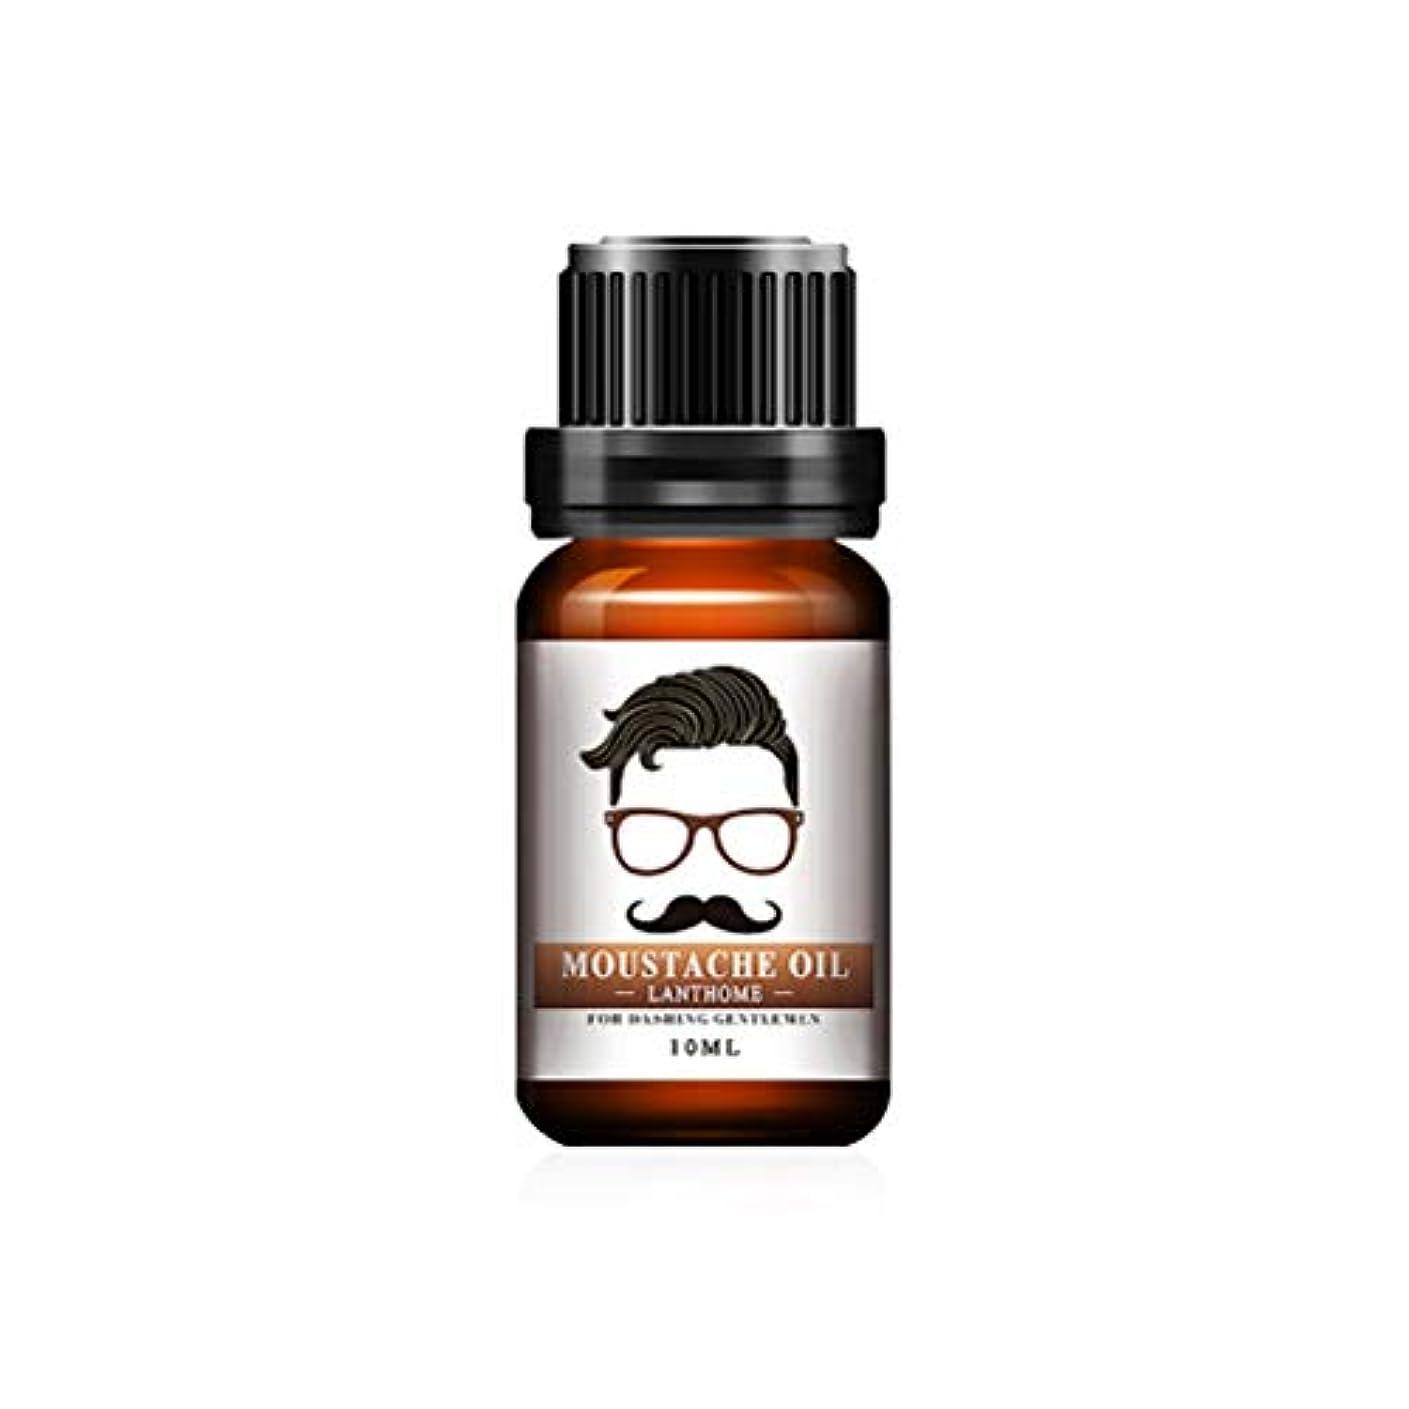 敵意常習的いつOurine ヒゲ肌用美容液 ひげ生長液 調理 無添加 口髭成長用 トリートメント液 植物油 保湿 コンディショナー ひげ油 ひげオイル ヘア ナチュラル